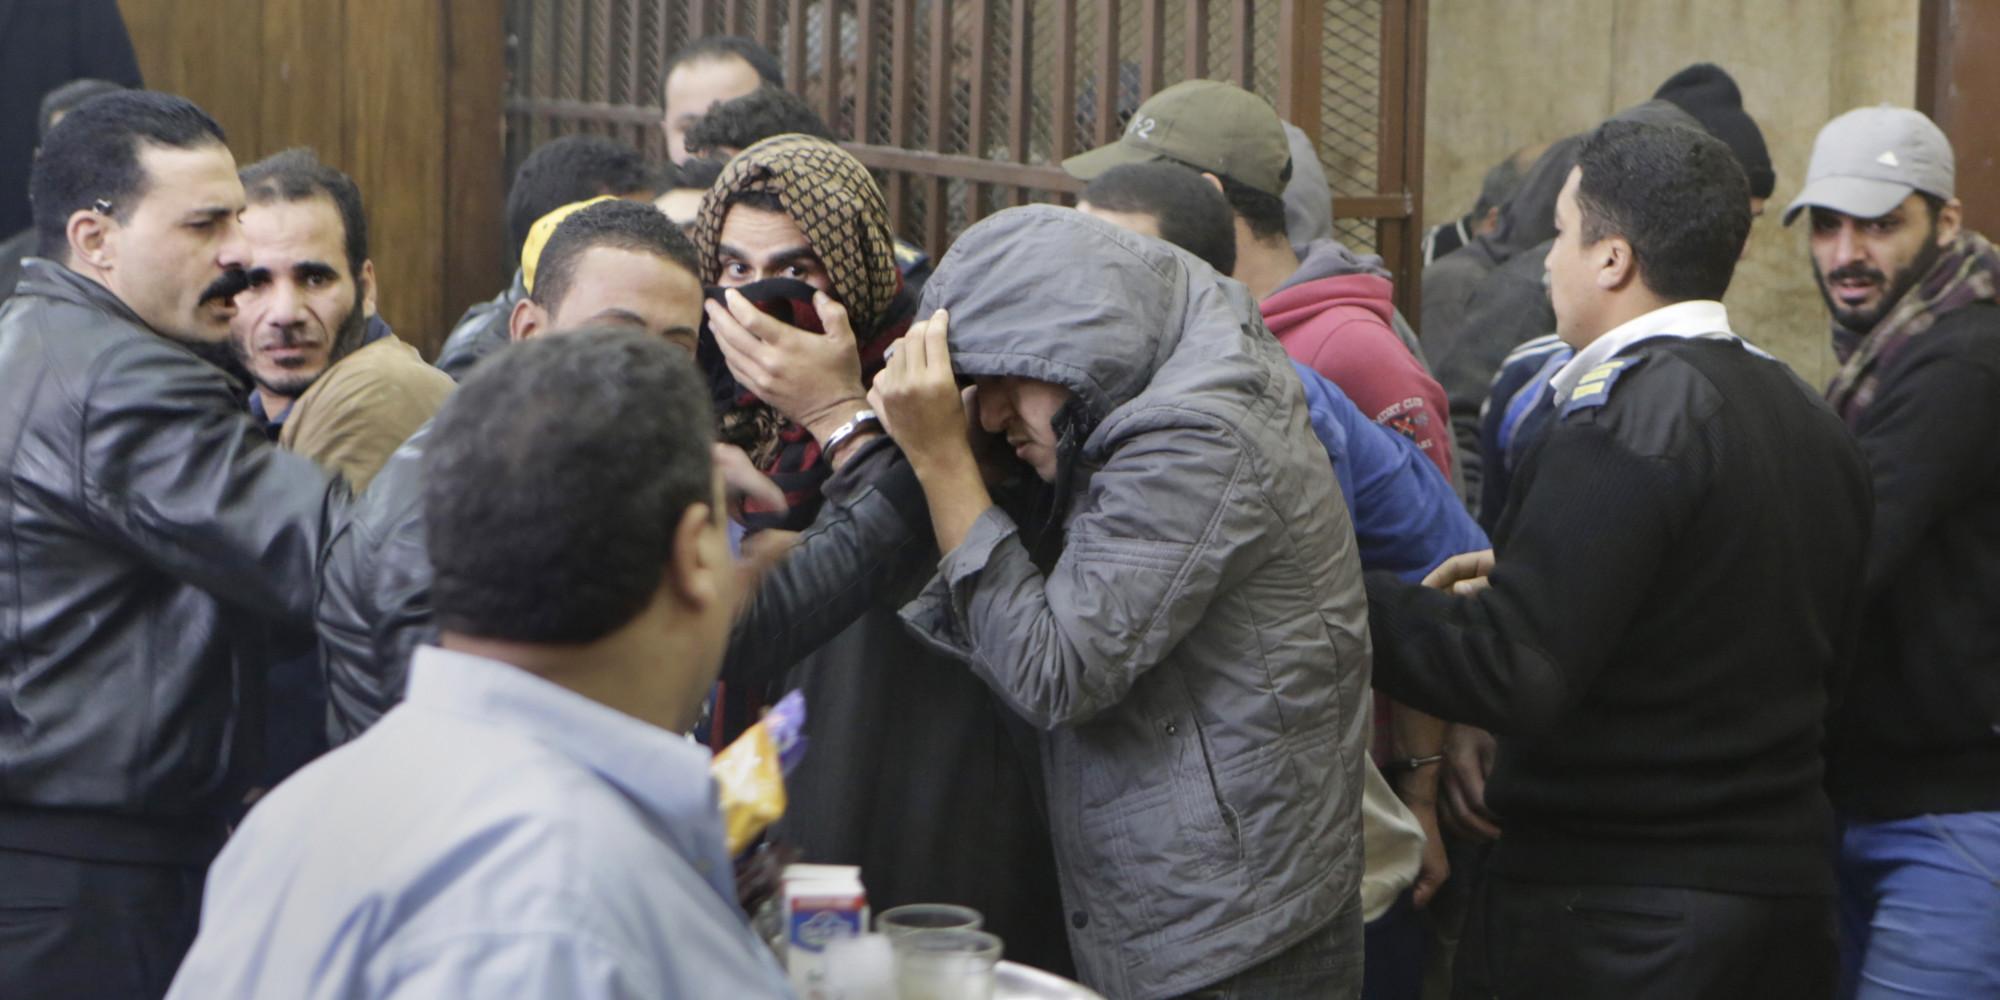 Участники заседания прятали свои лица (AP Photo/Amr Nabil)